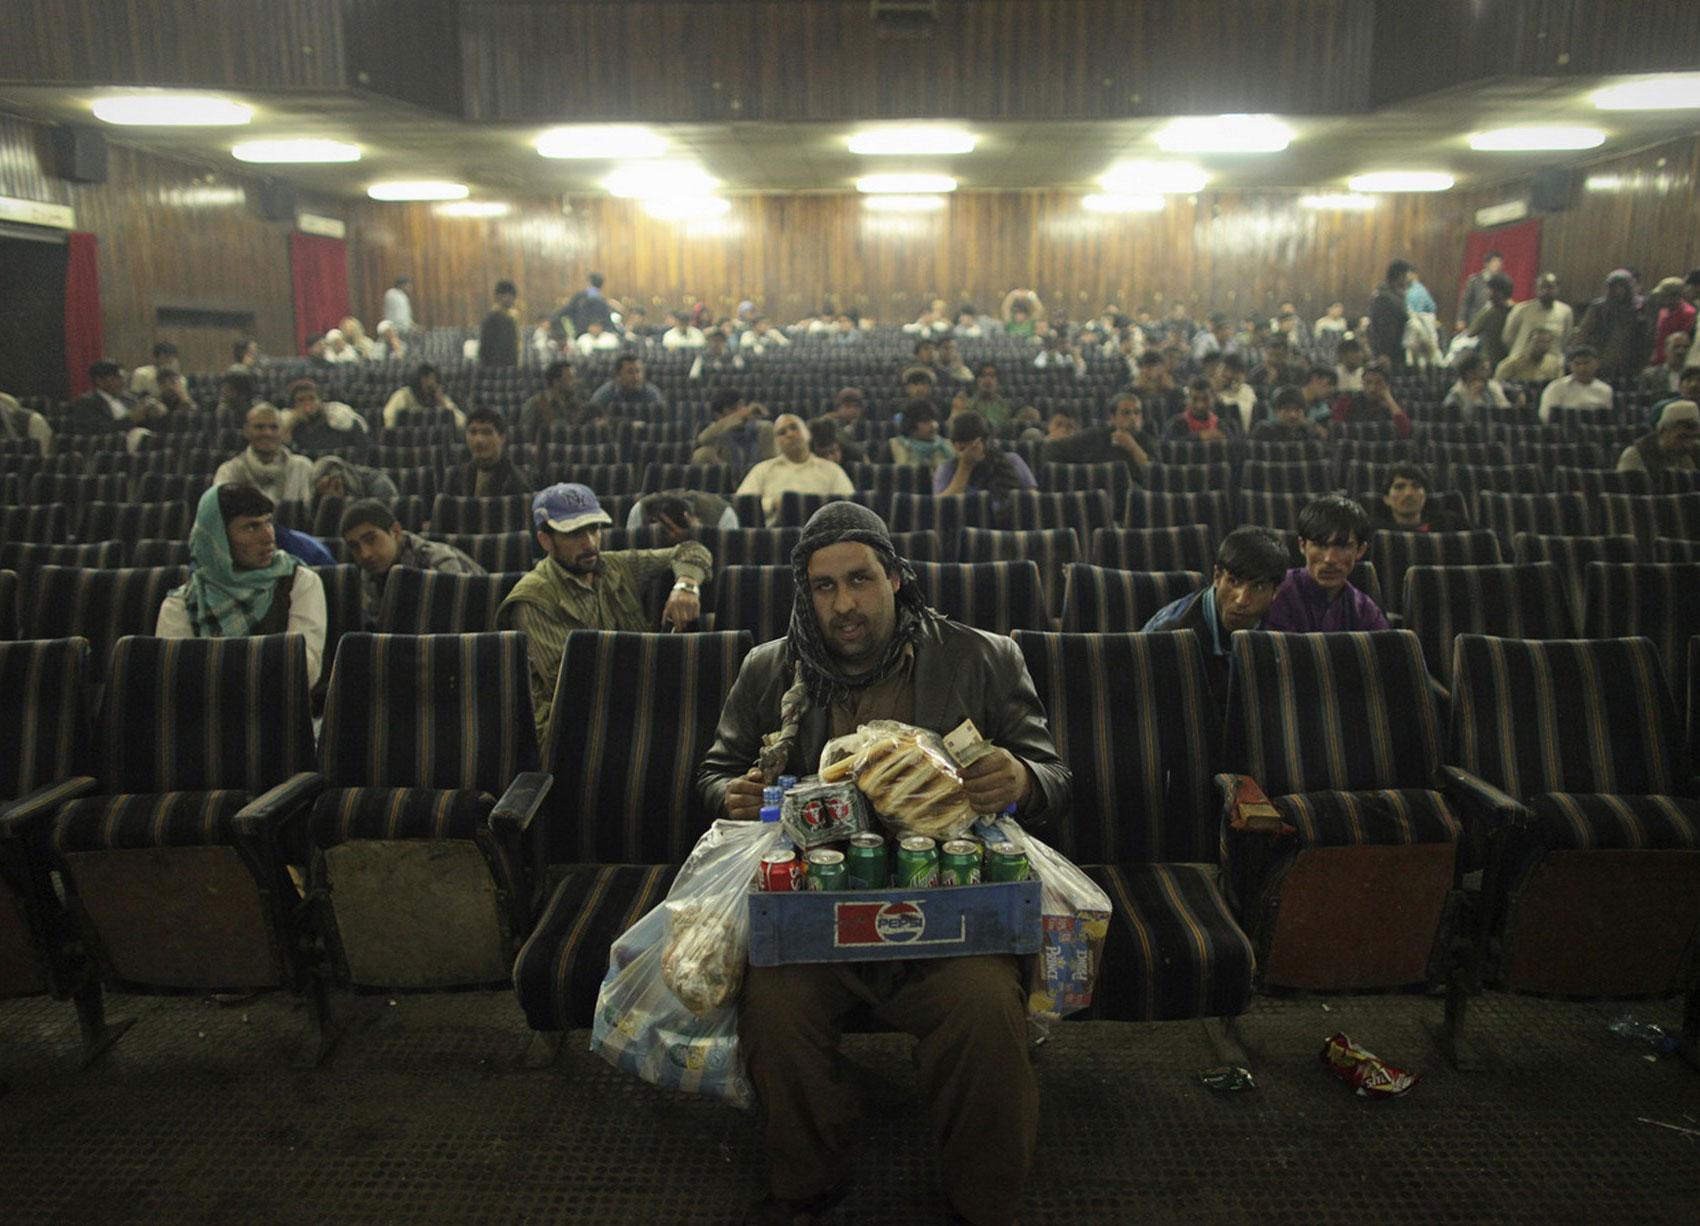 кинотеатр Афганистана, фото